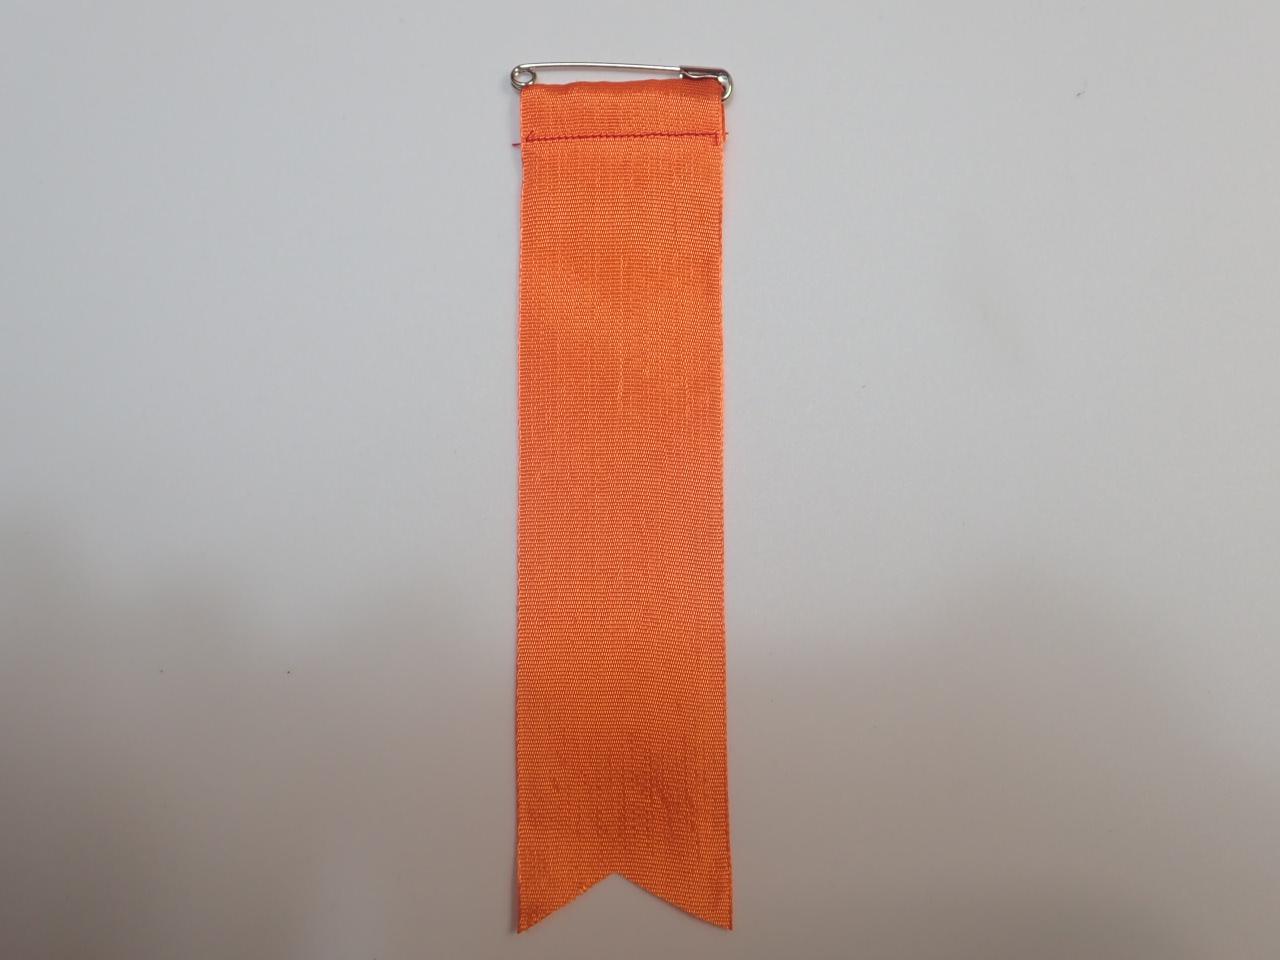 胸につける目印リボンタレ章(大)記章・徽章(全長16cm)オレンジ/選挙・講演会等で胸につけるリボン